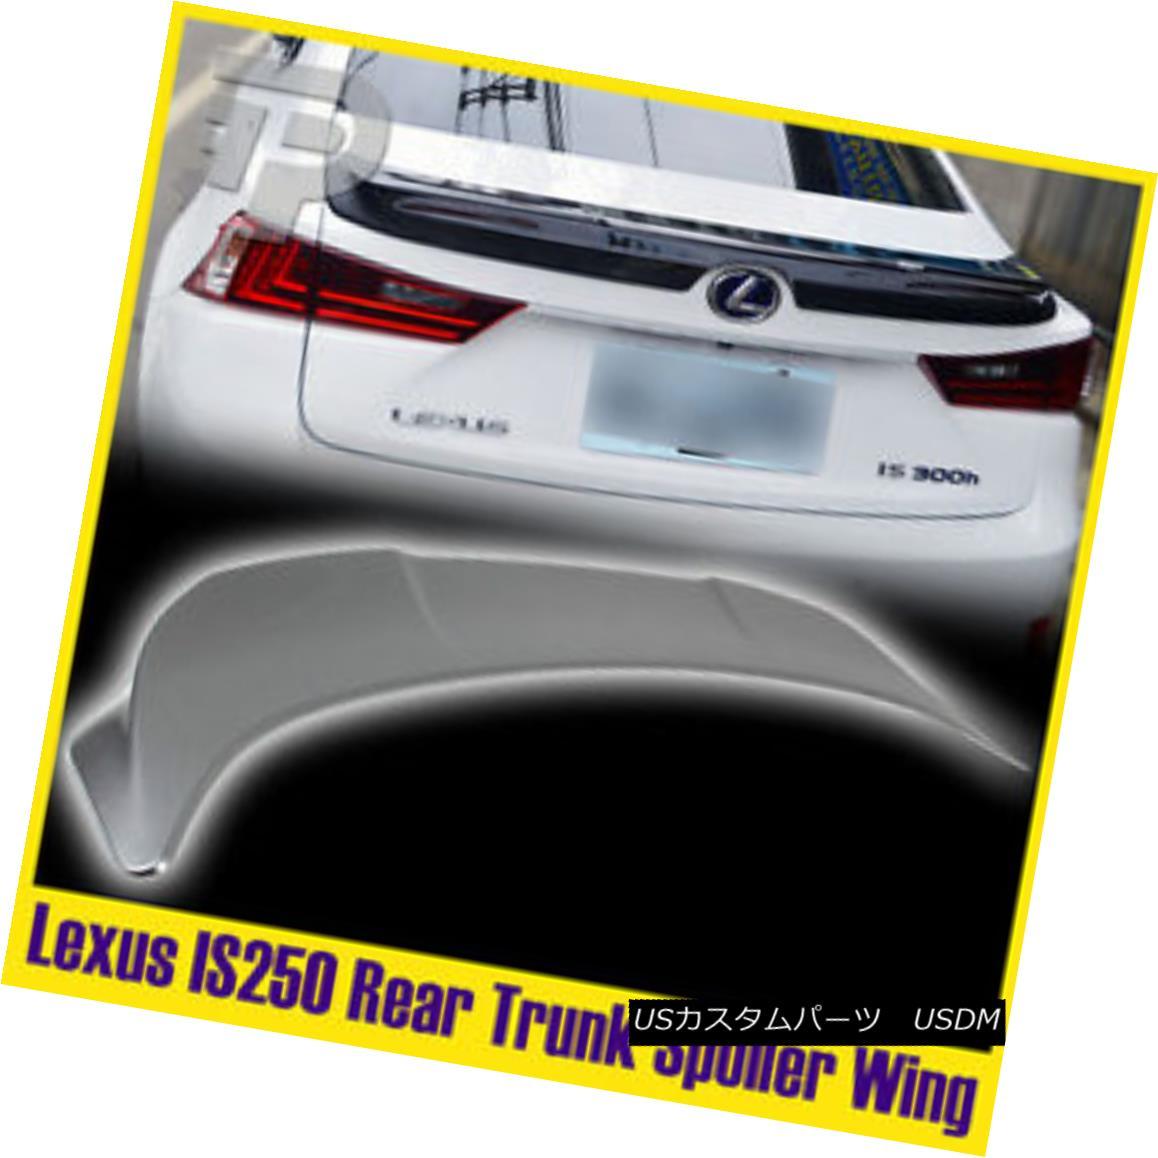 エアロパーツ #1J4 Silver Lexus IS250 IS350 Sedan Painted #1J4 Silver Trunk Spoiler #1J4シルバーレクサスIS250 IS350セダン塗装#1J4シルバートランクスポイラー